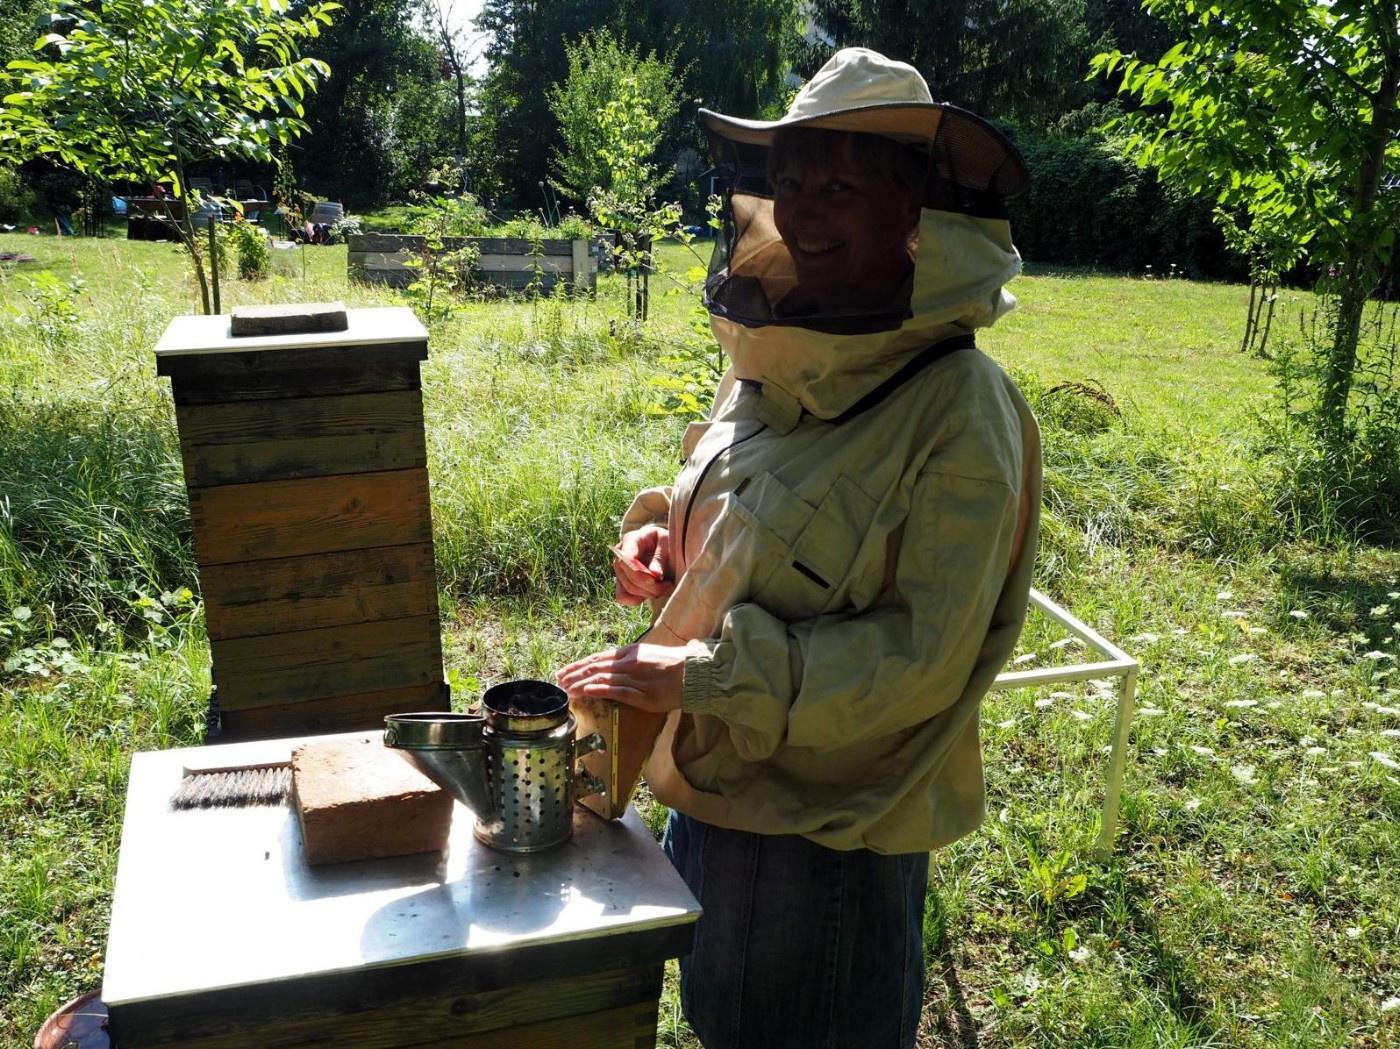 Imkerin beim Bienenstock